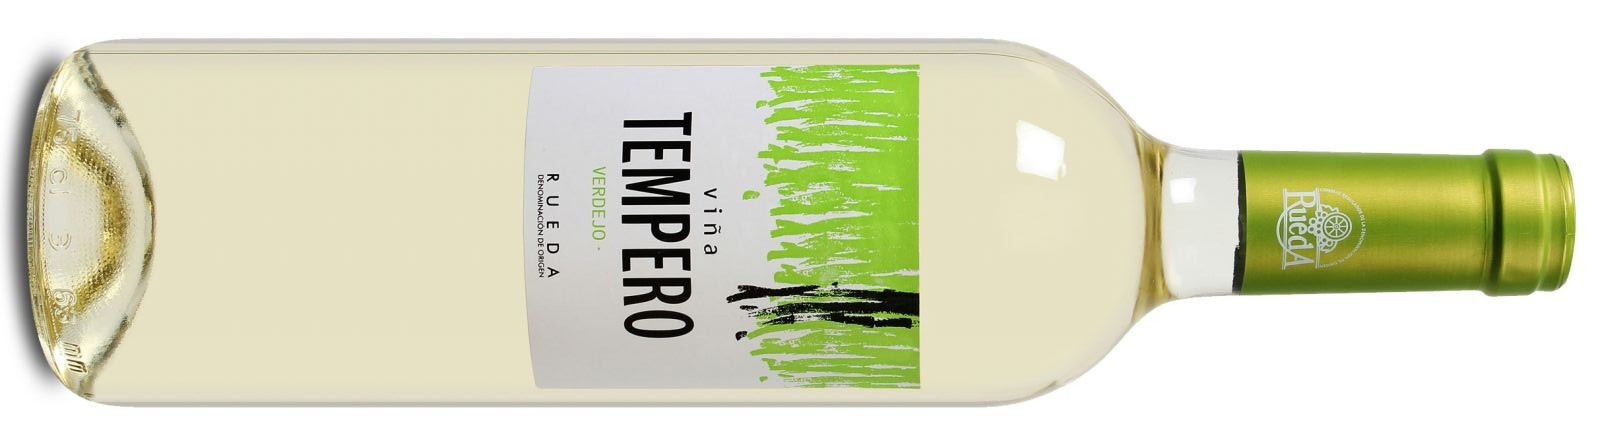 Bodegas de Alberto Tempero Verdejo 2013